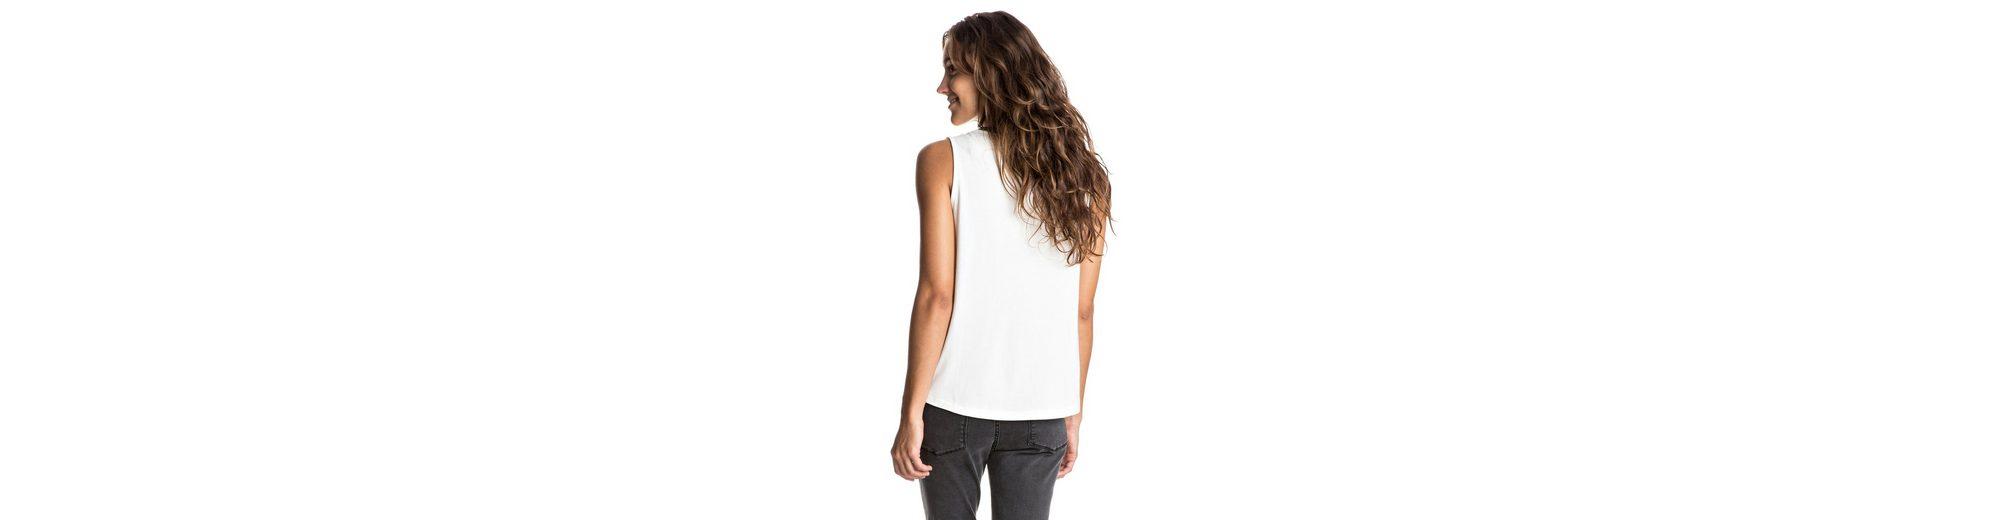 Neuester Günstiger Preis Outlet Shop Angebot Roxy ärmelloses T-Shirt Aztec Rider Folies 90 - ärmelloses T-Shirt eeoirH